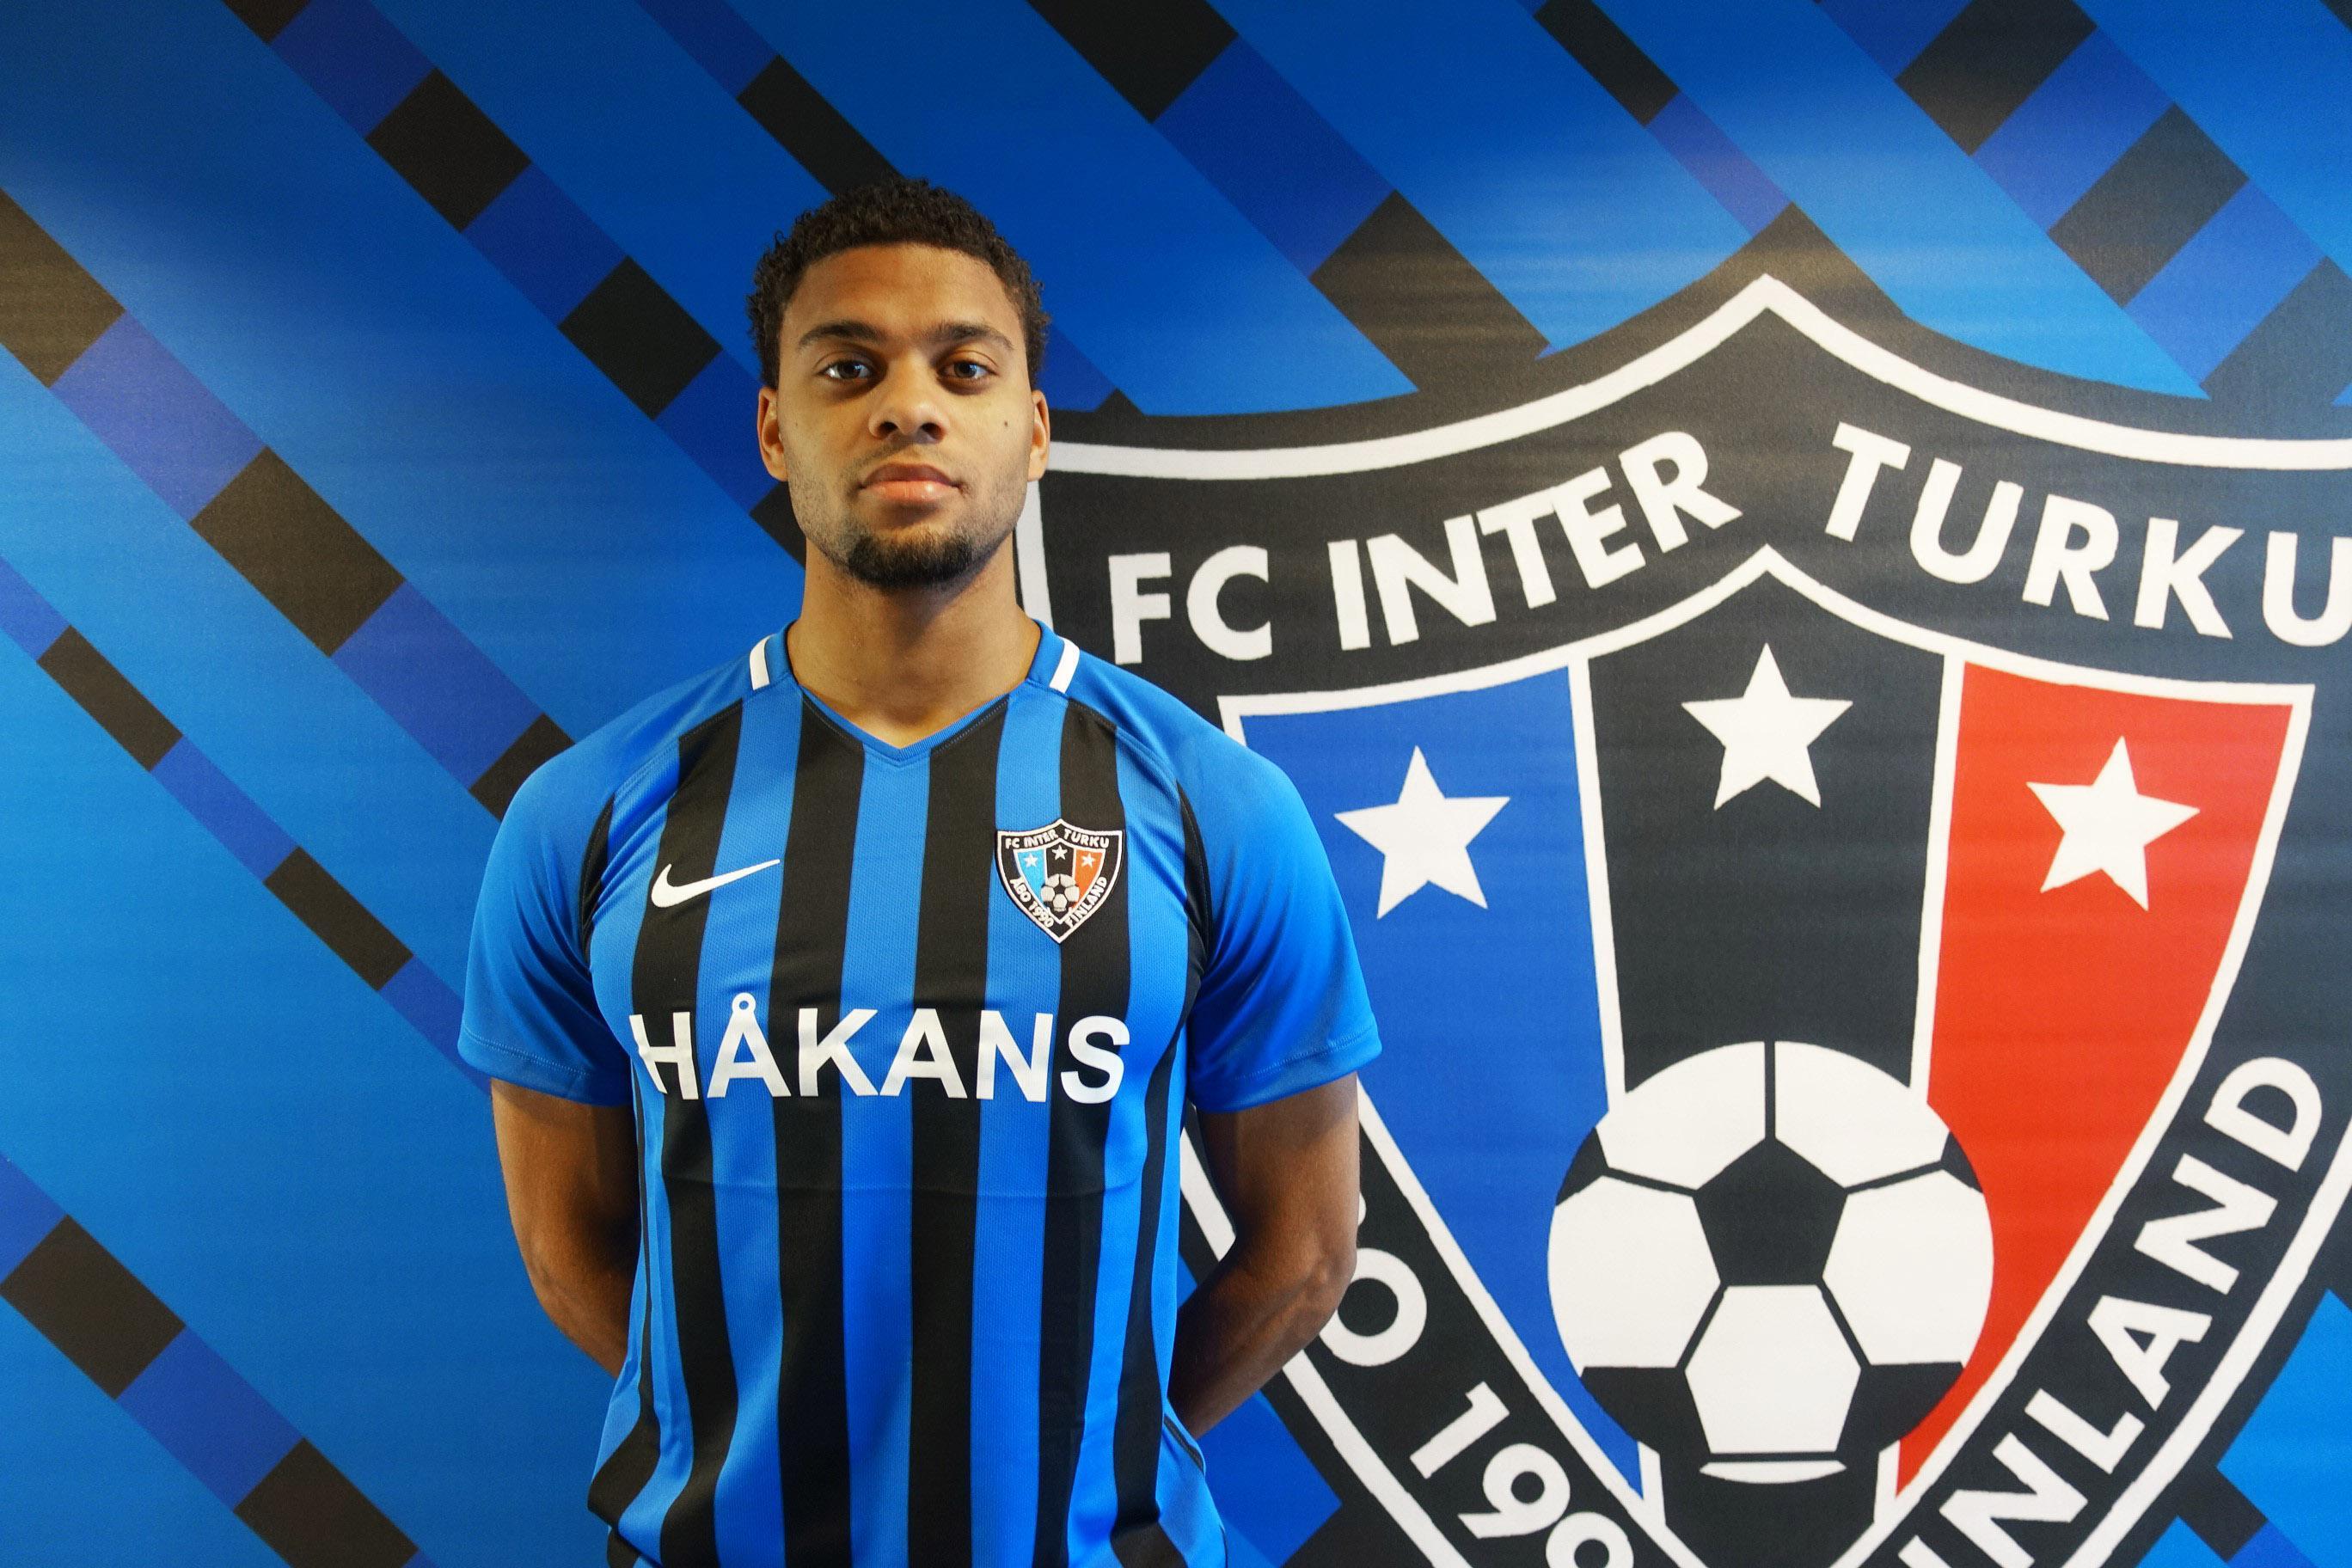 Fotbollsspelare framför Inters klubbmärke.